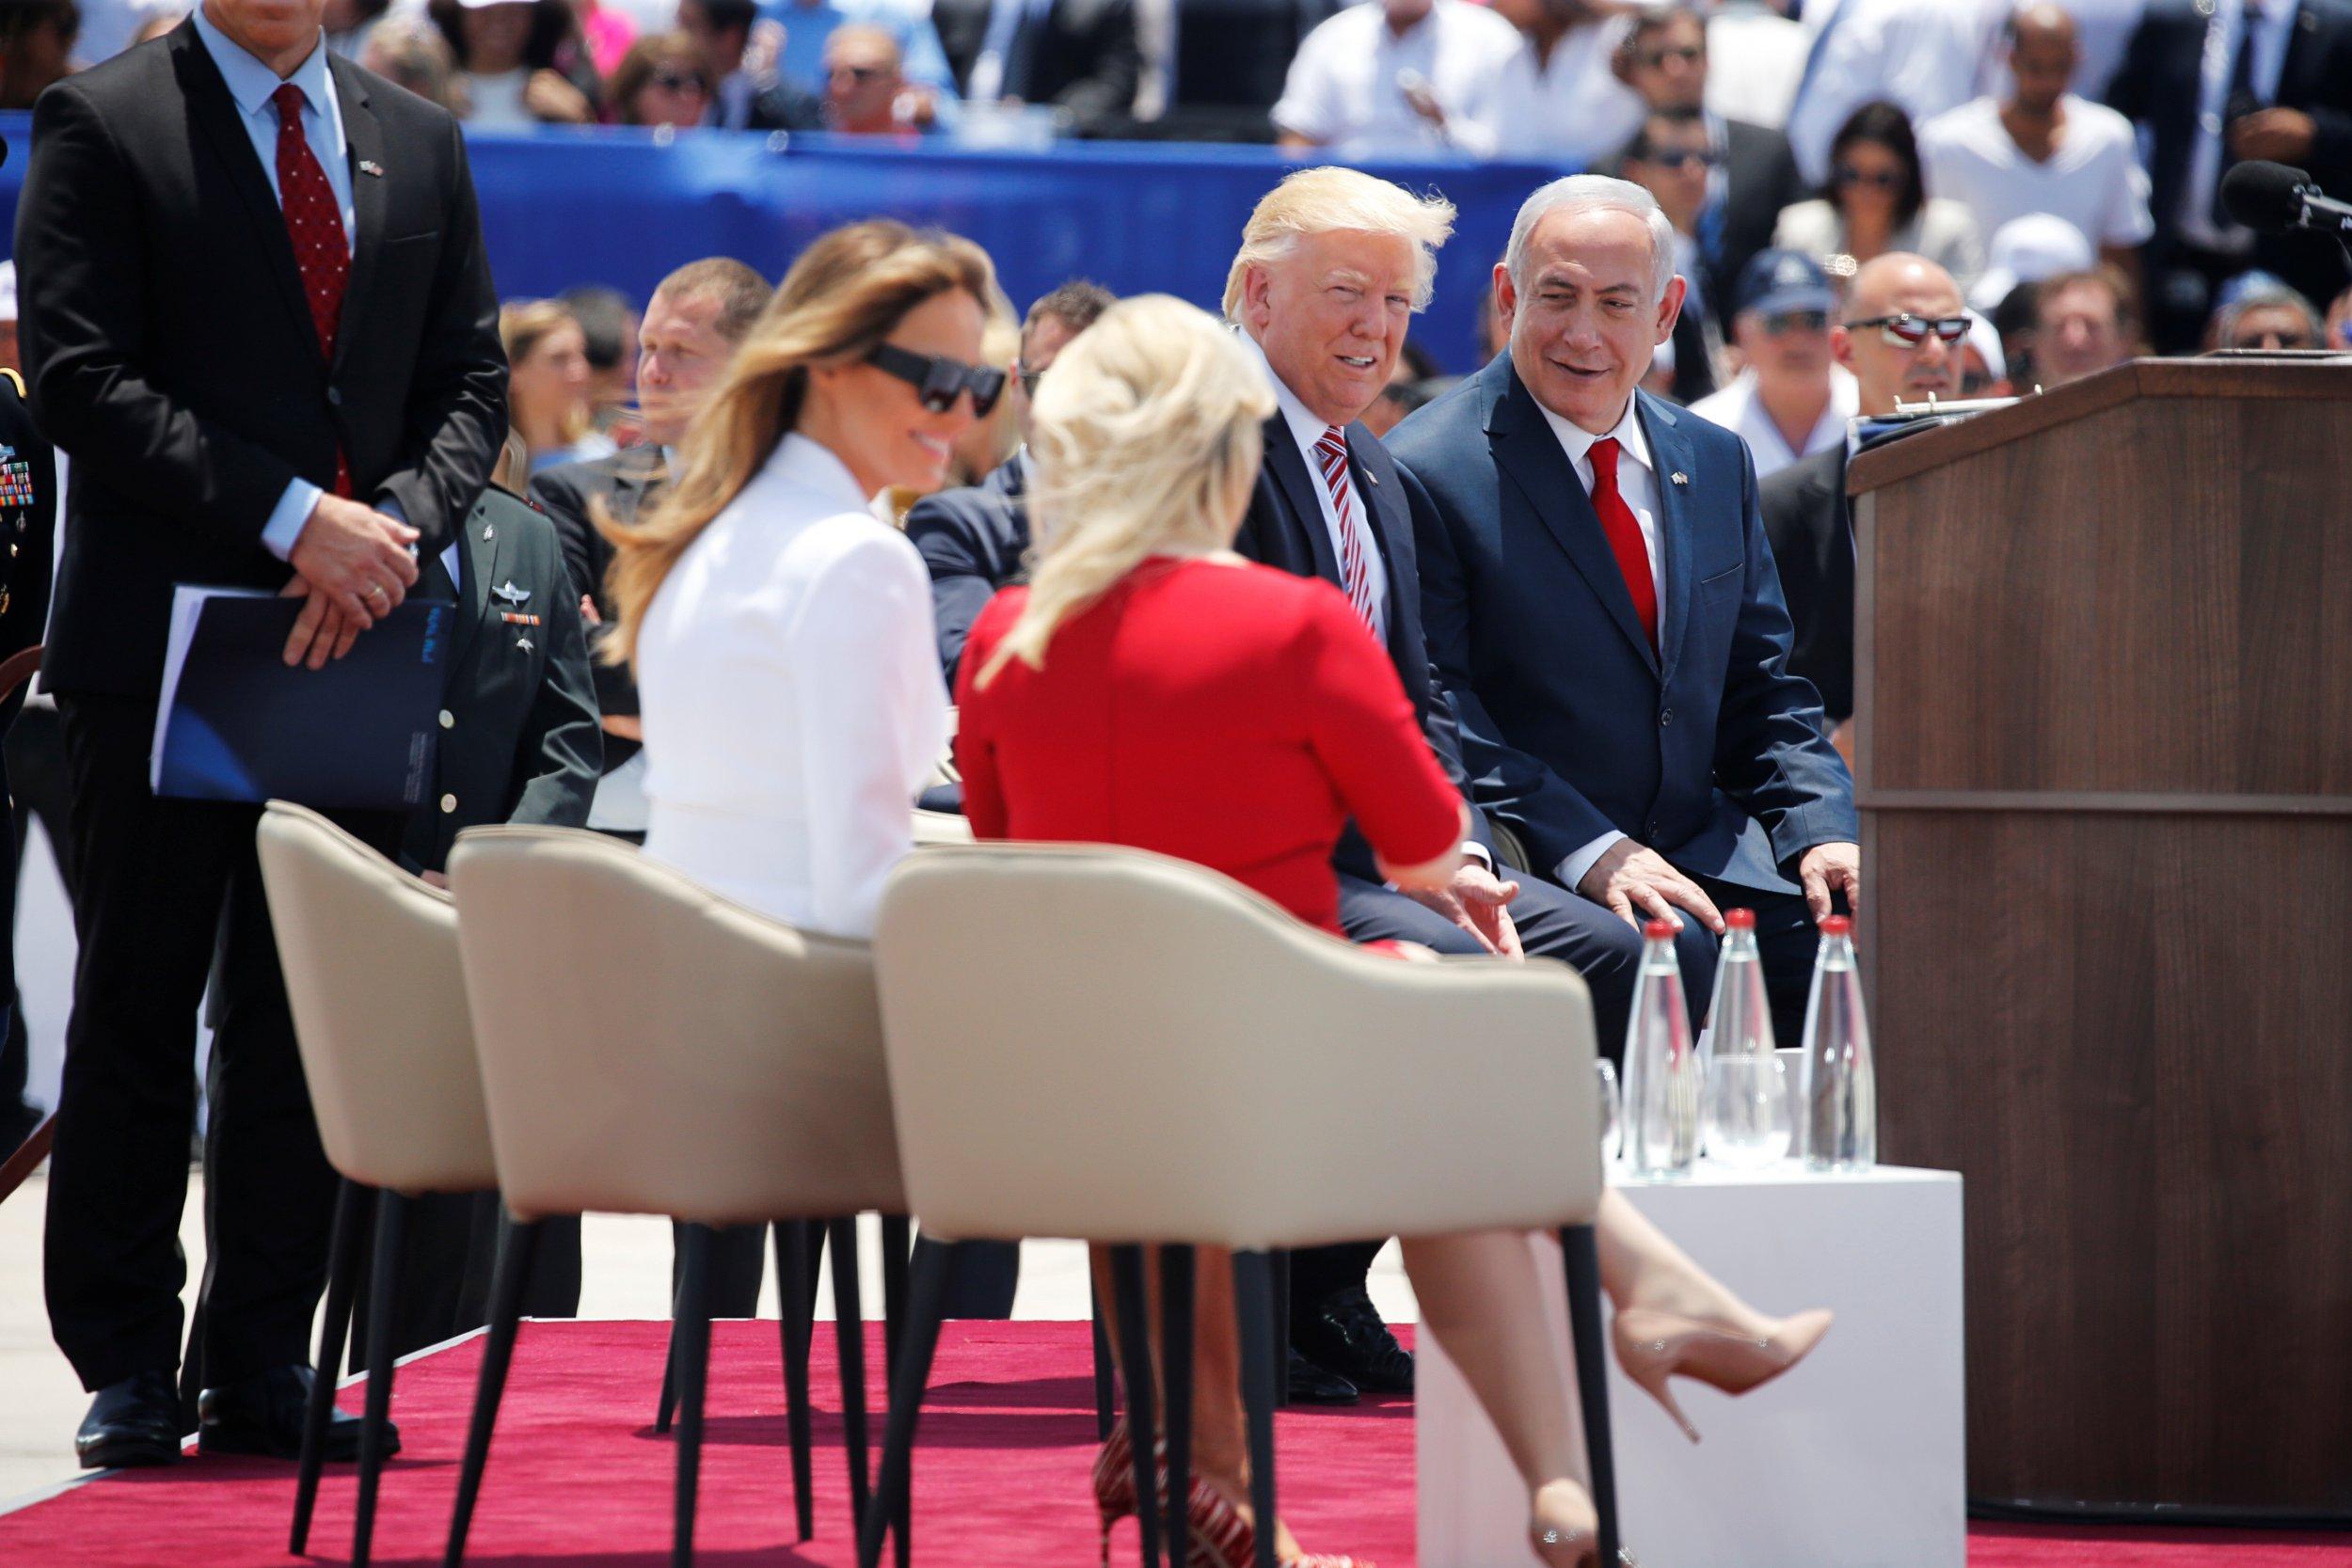 Melania Trump and Sara Netanyahu